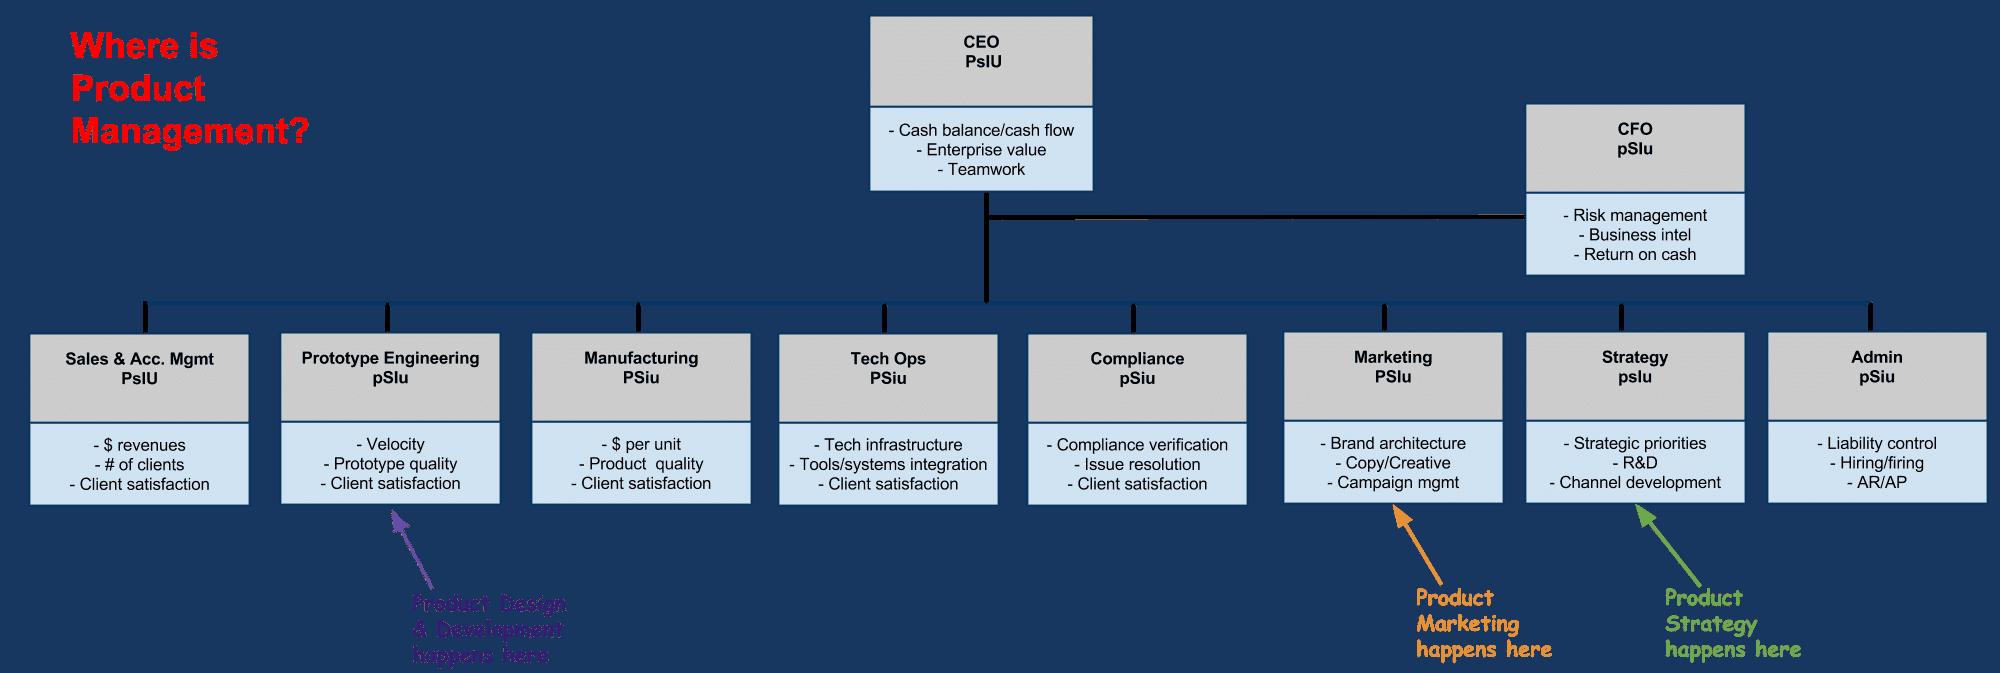 کار مدیر محصول، مرتبط با استراتژی، فنی و بازاریابی است.